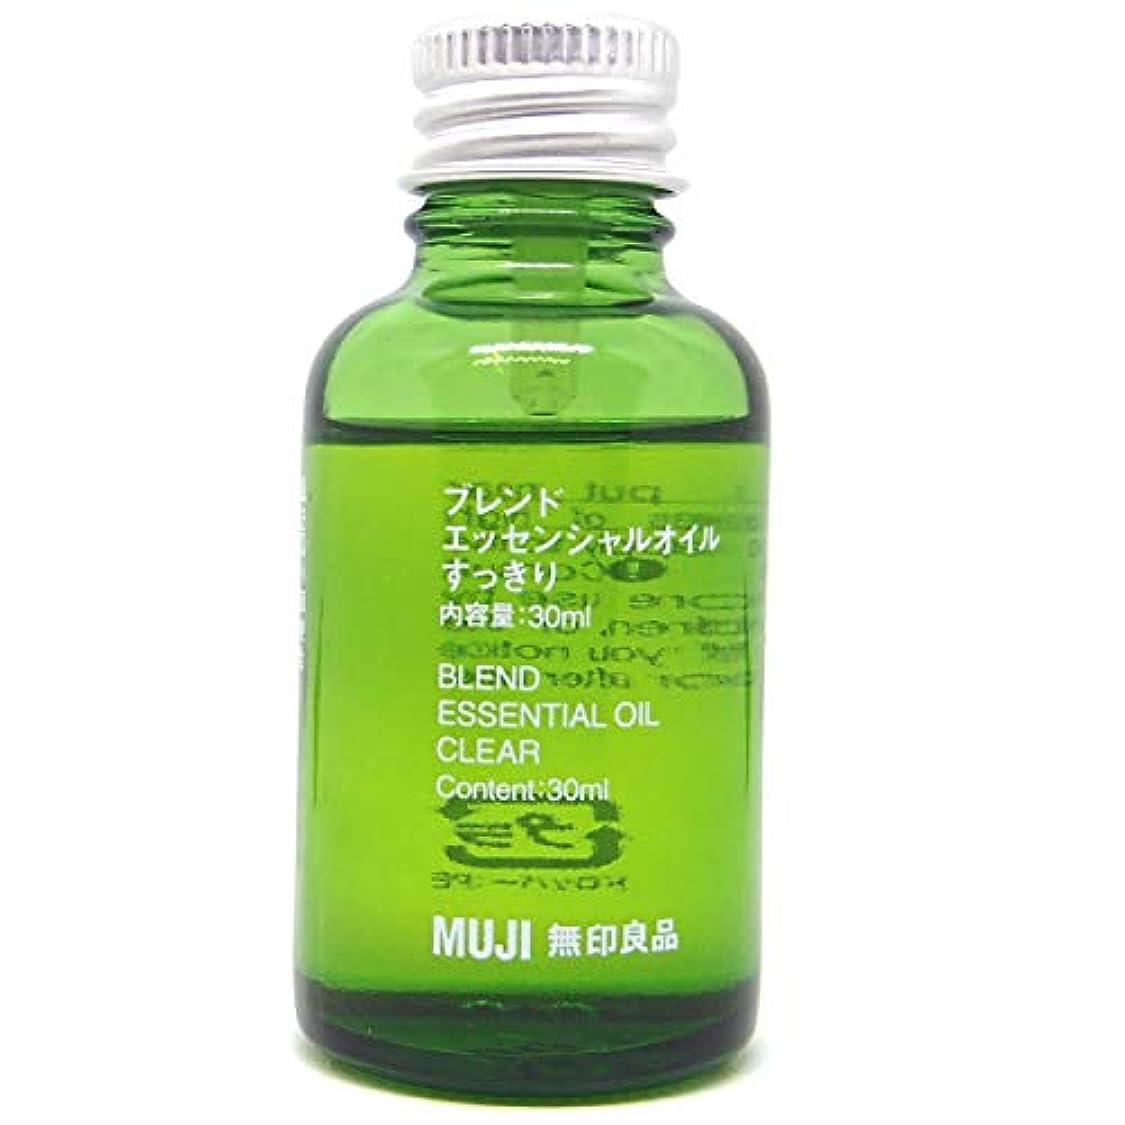 選ぶマティスディレイ【無印良品】エッセンシャルオイル30ml(すっきり)